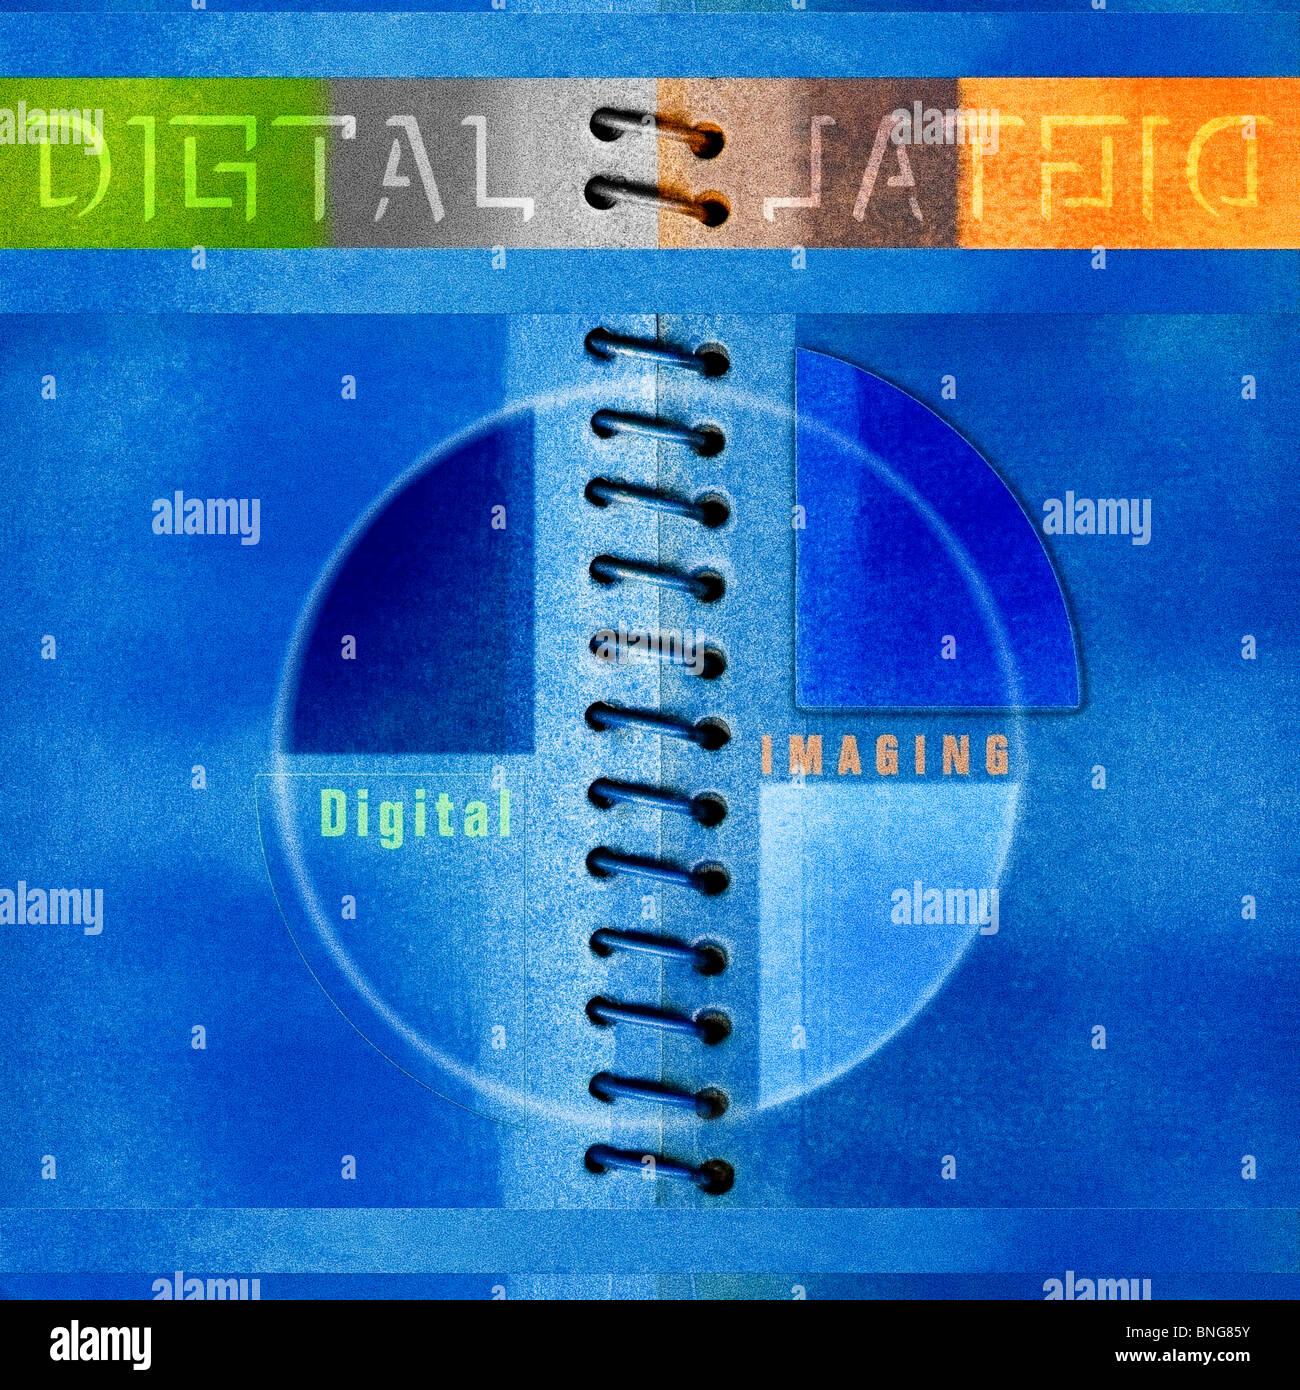 Azul álbum digital en papel Kodak textura imprimir imagen abstracta creativa ilustración, ilustración, Imagen De Stock